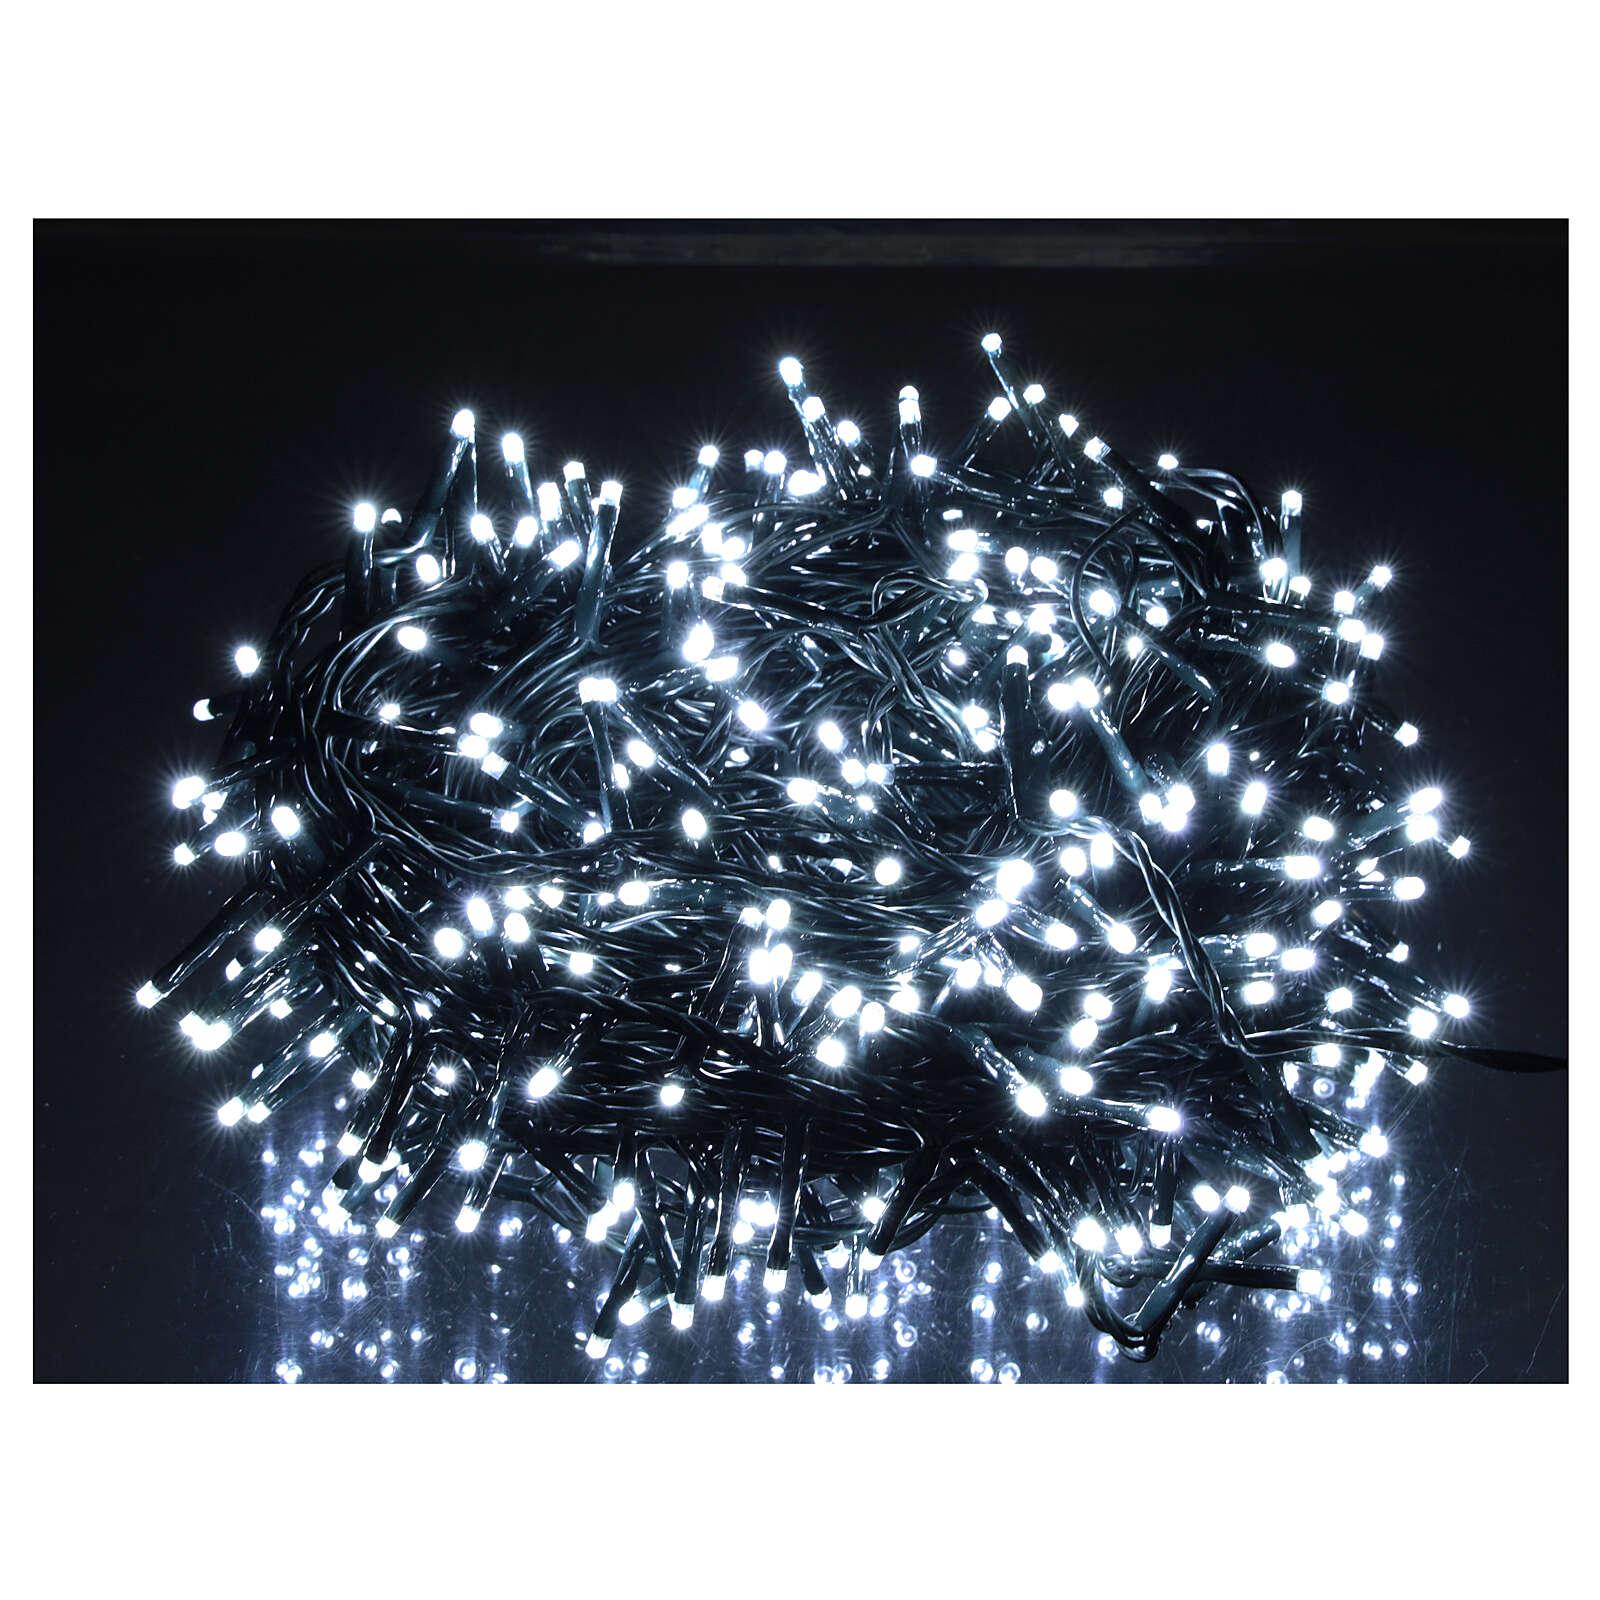 Cadena luminosa Navidad 500 led blanco frío con control remoto 3